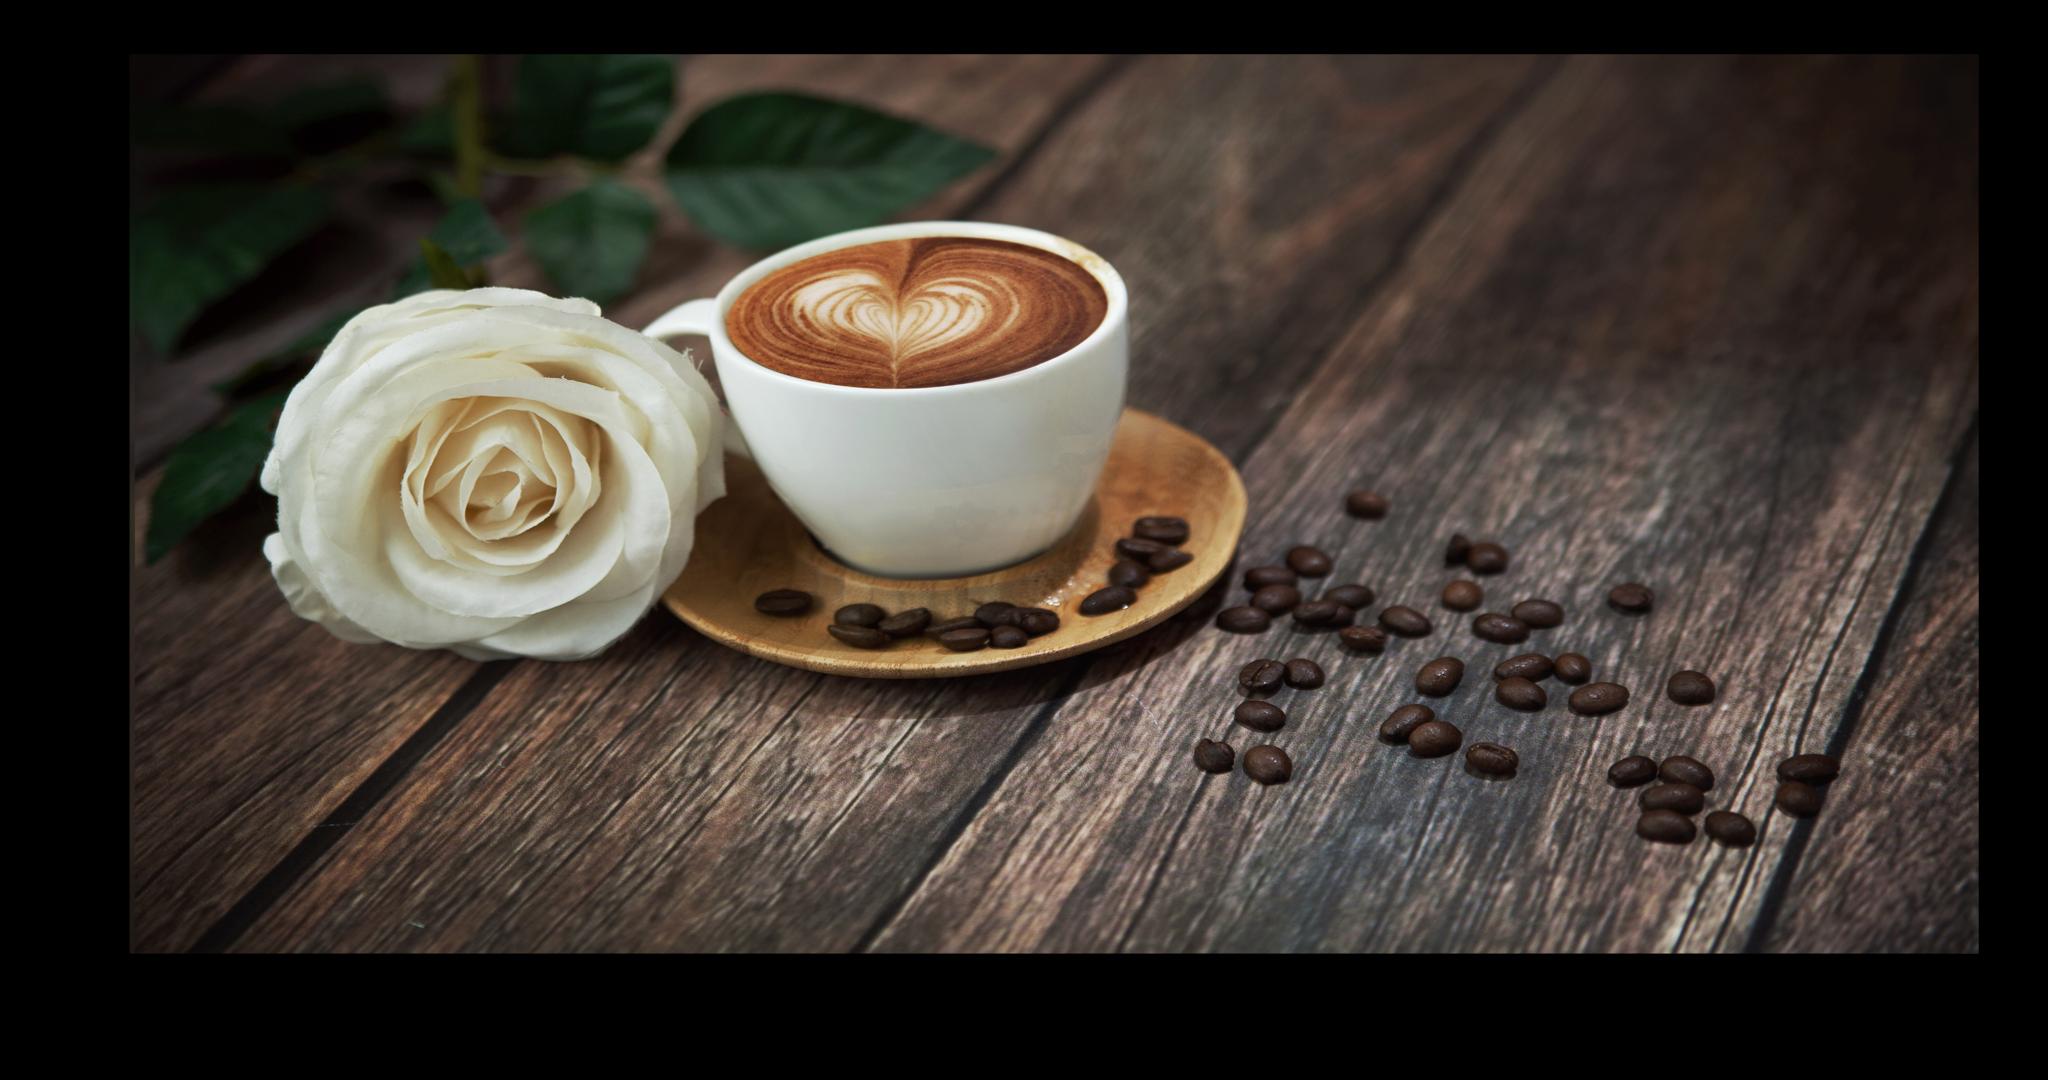 """Постеры Постер """"Романтическое утро"""" п292.png"""